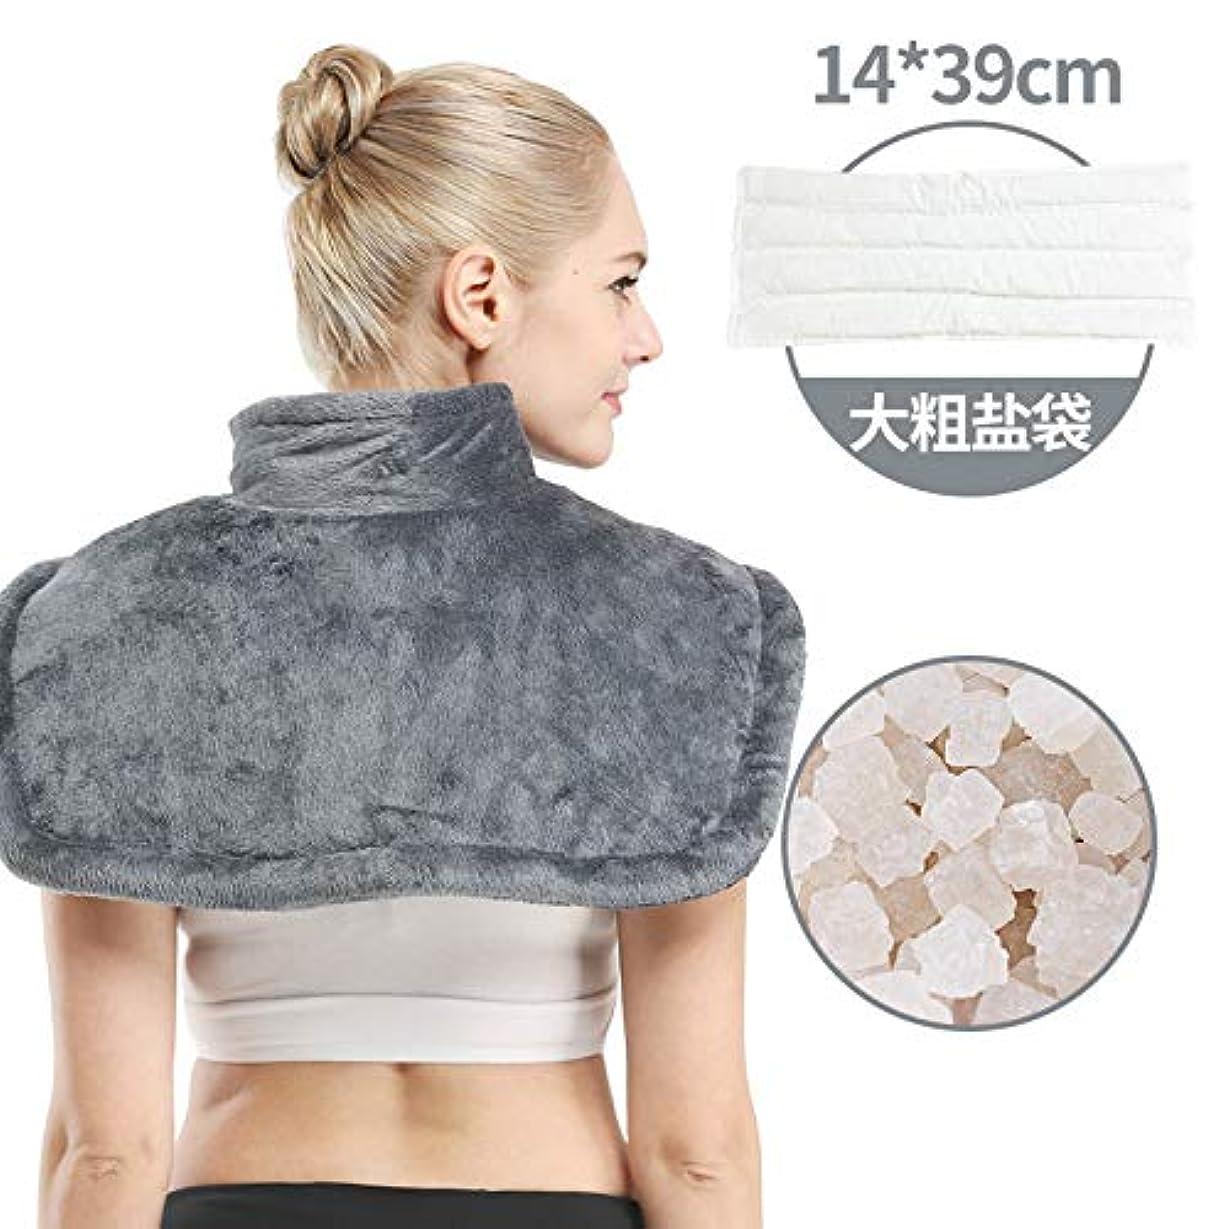 Sooger 電熱の肩 手痛い ホットバッグ 電気を加熱する 電熱のストール 首の肩の背部暖房パッド マッサージのヒートラップの熱くするショールの減圧のための調節可能な強度フルボディマッサージ 電気を温める 肩を暖める...